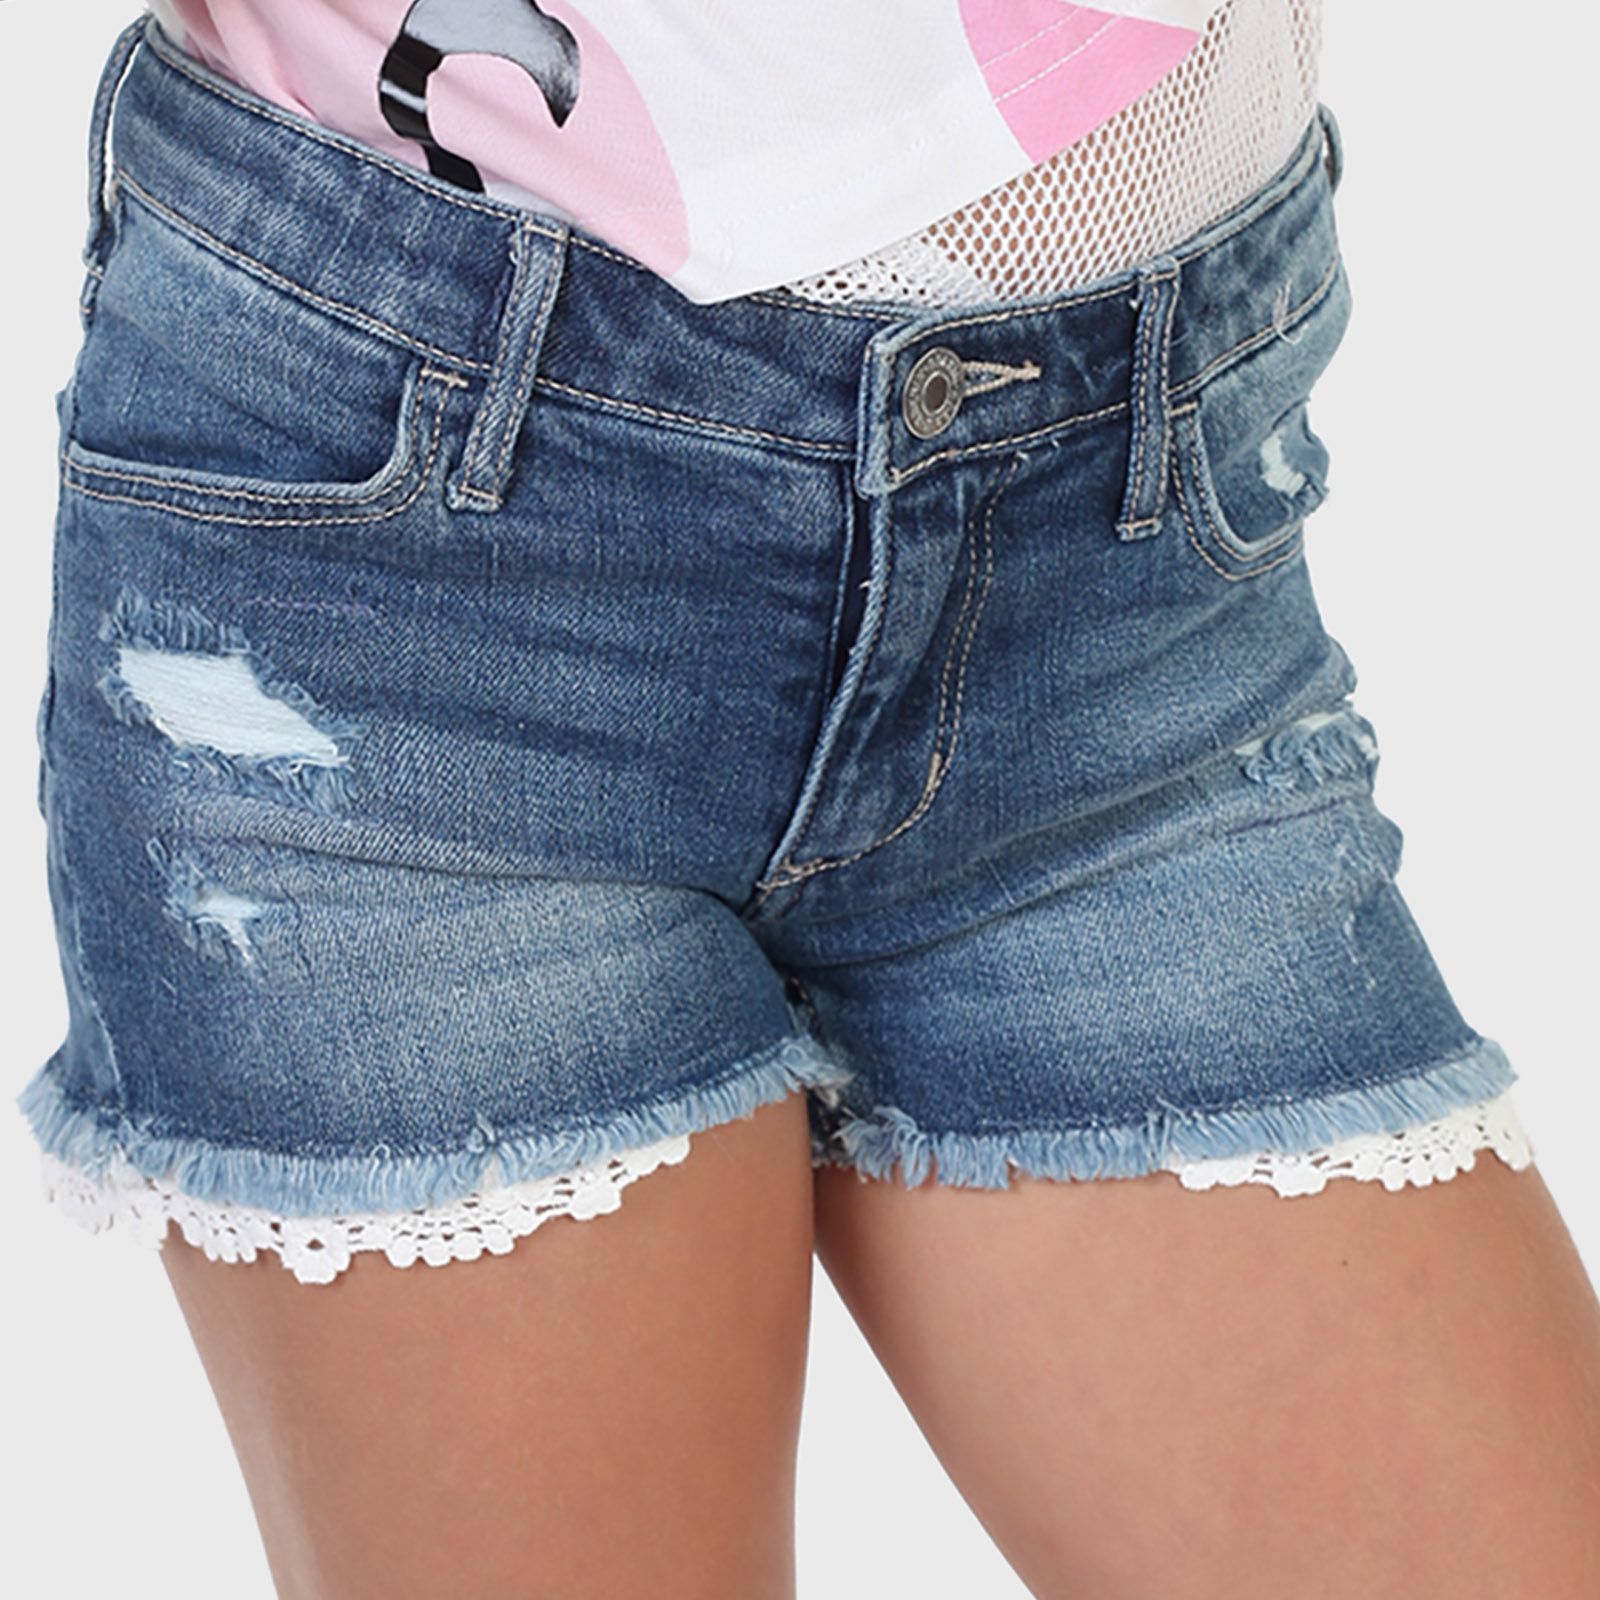 Купить в интернет магазине джинсовые шорты для девочки